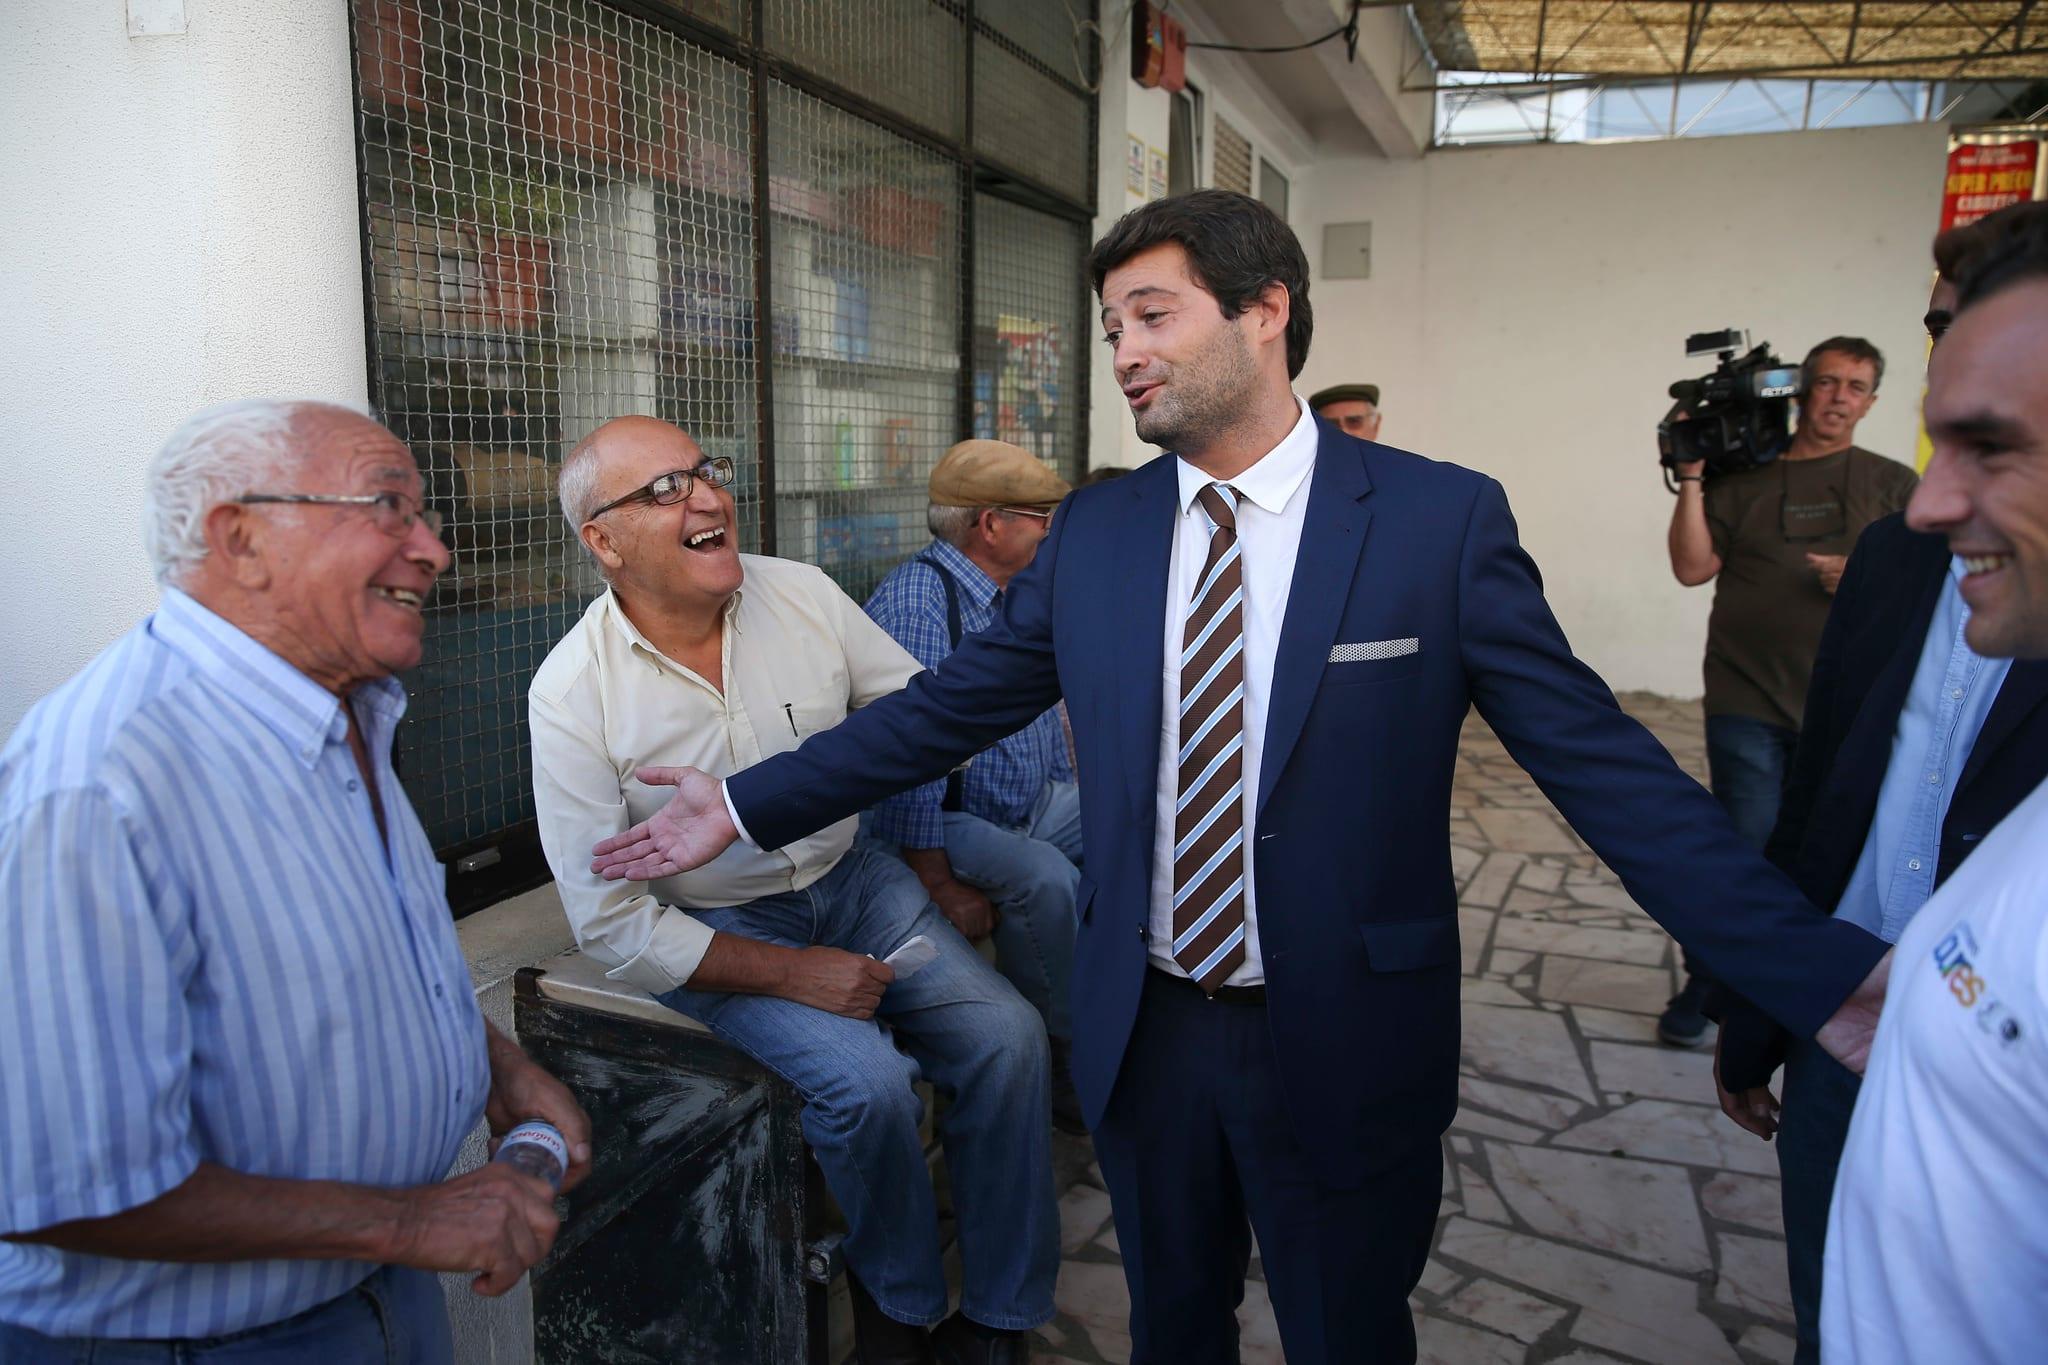 PÚBLICO - André Ventura quer fim de apoios para pessoas condenadas por crimes graves